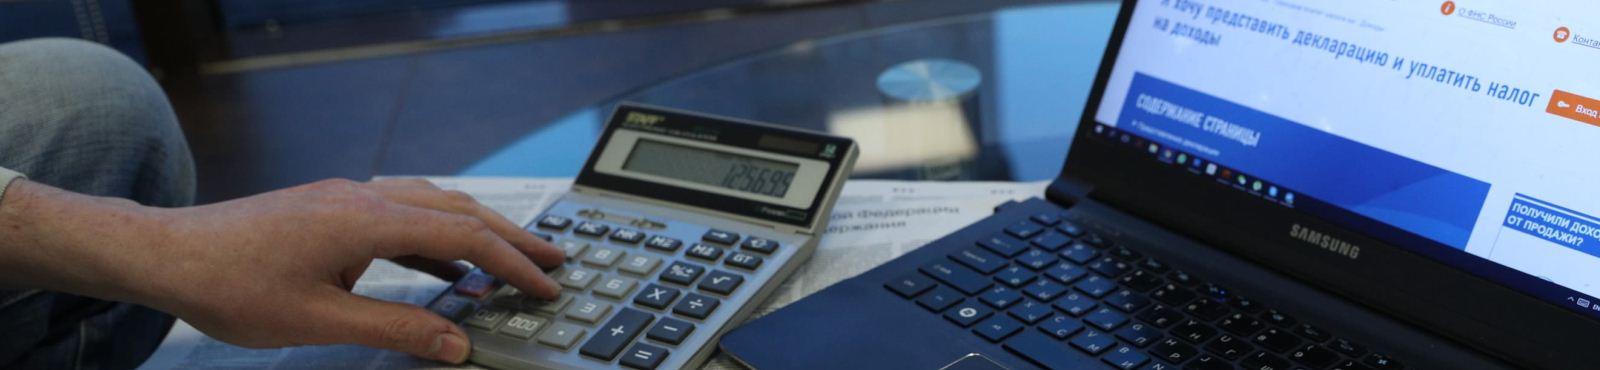 Оценка для налогообложения